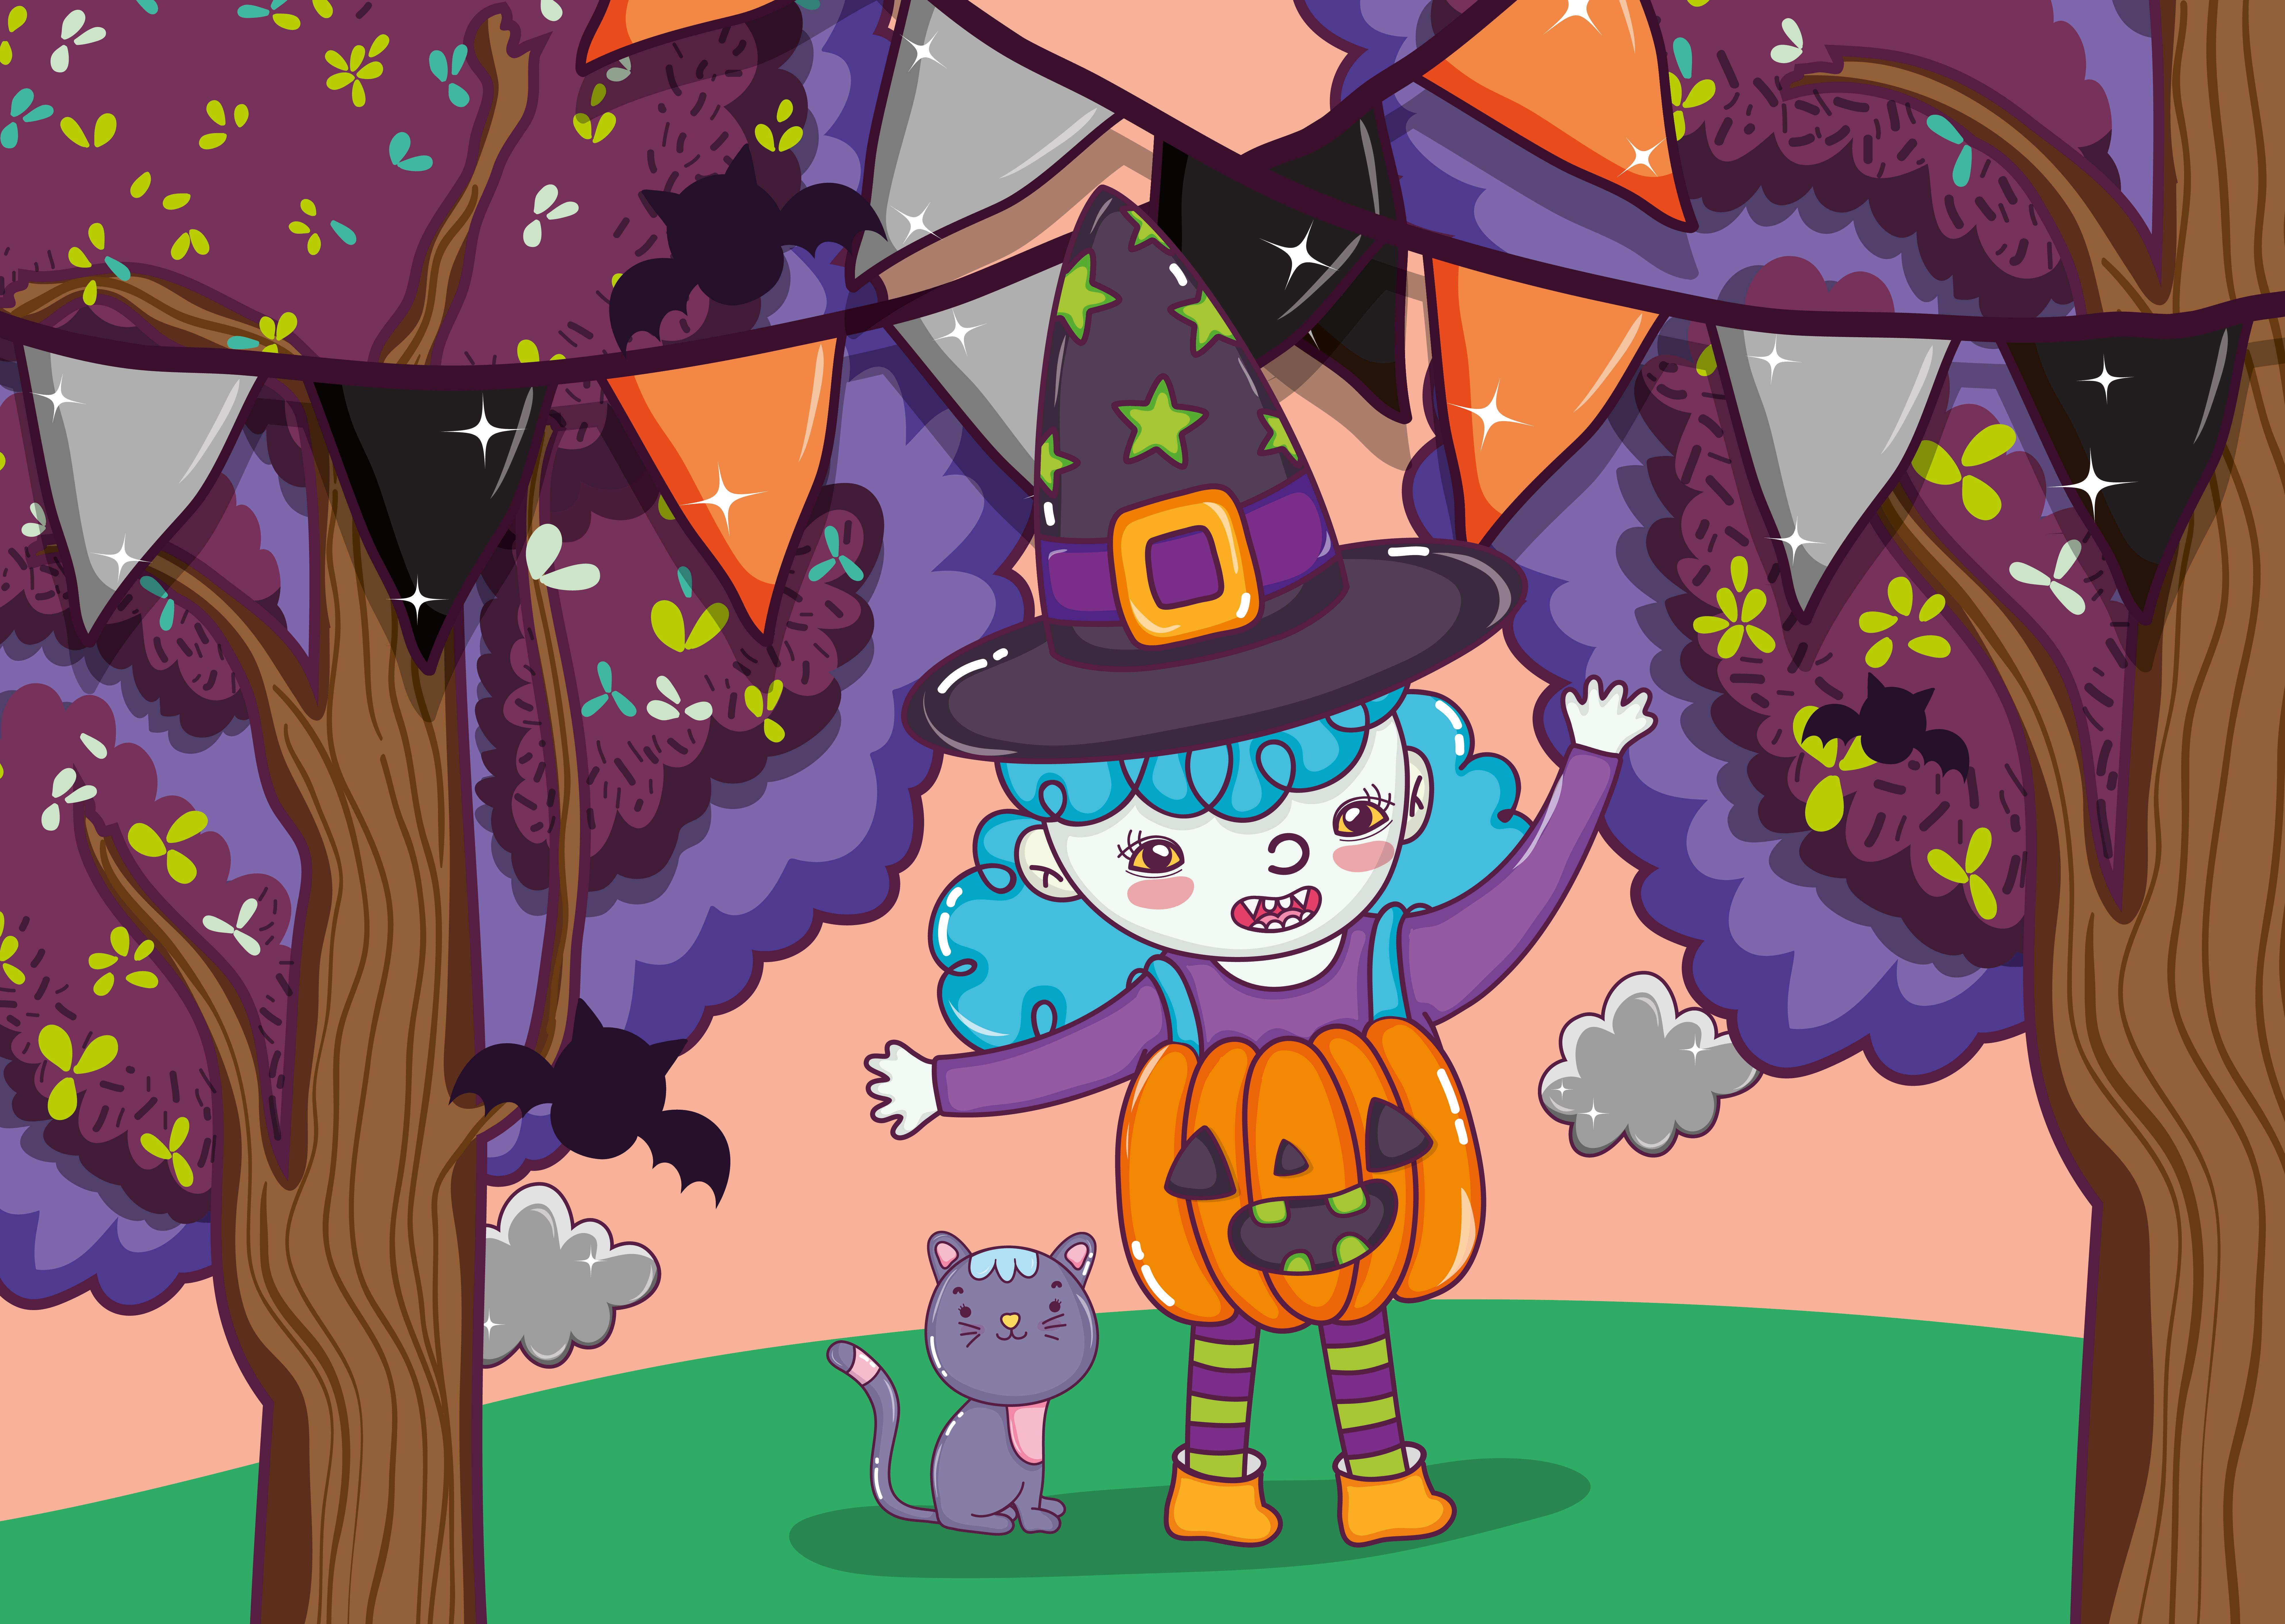 女巫卡通 免費下載   天天瘋後製